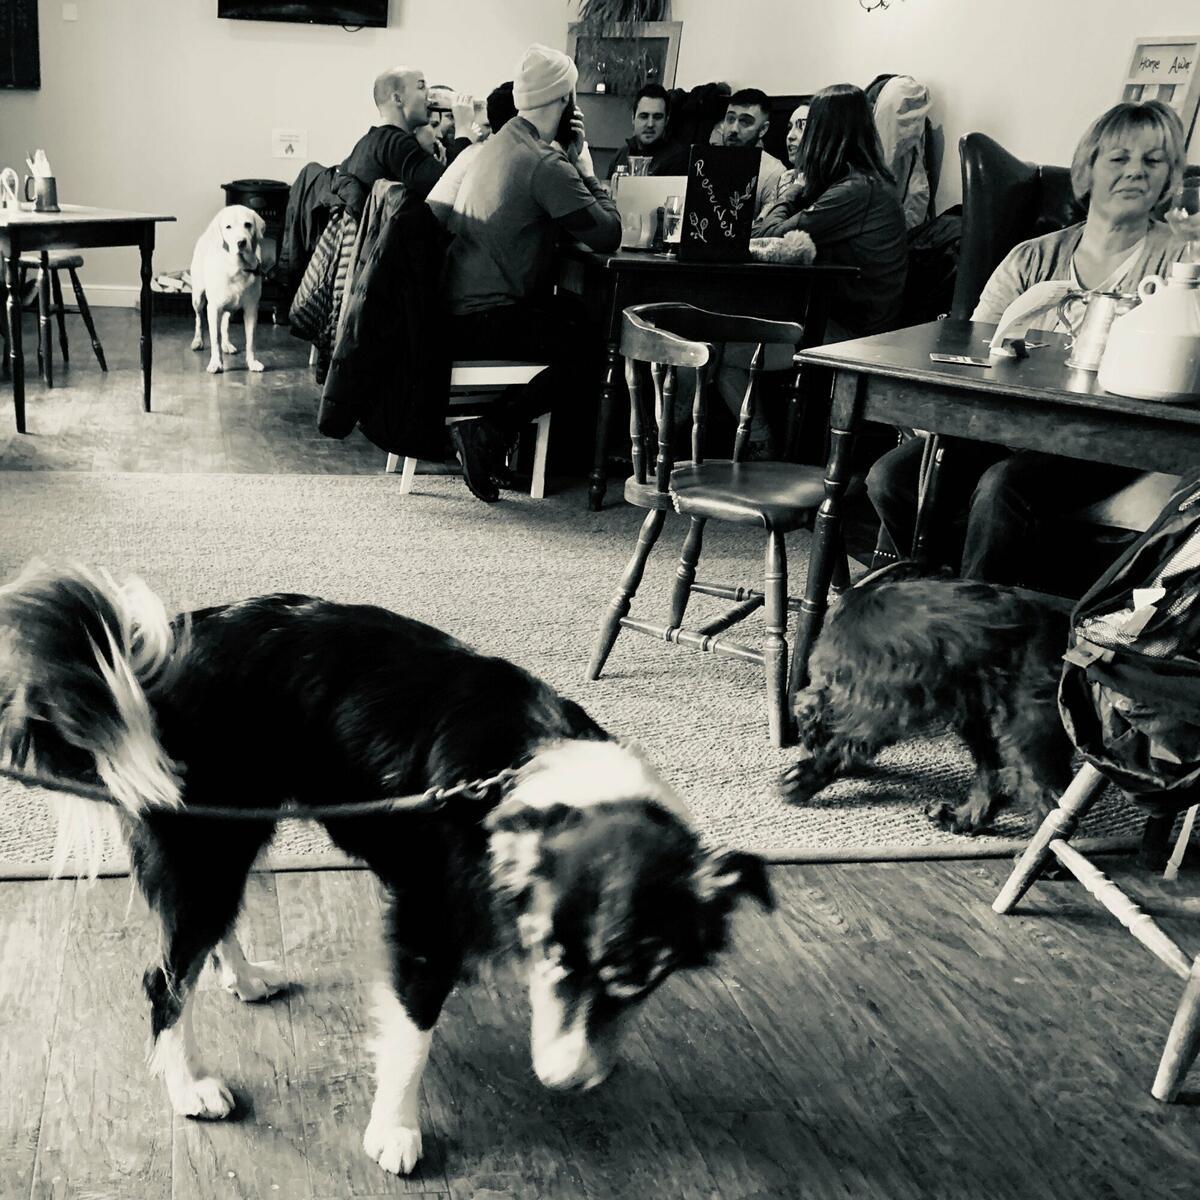 Dog friendly bar